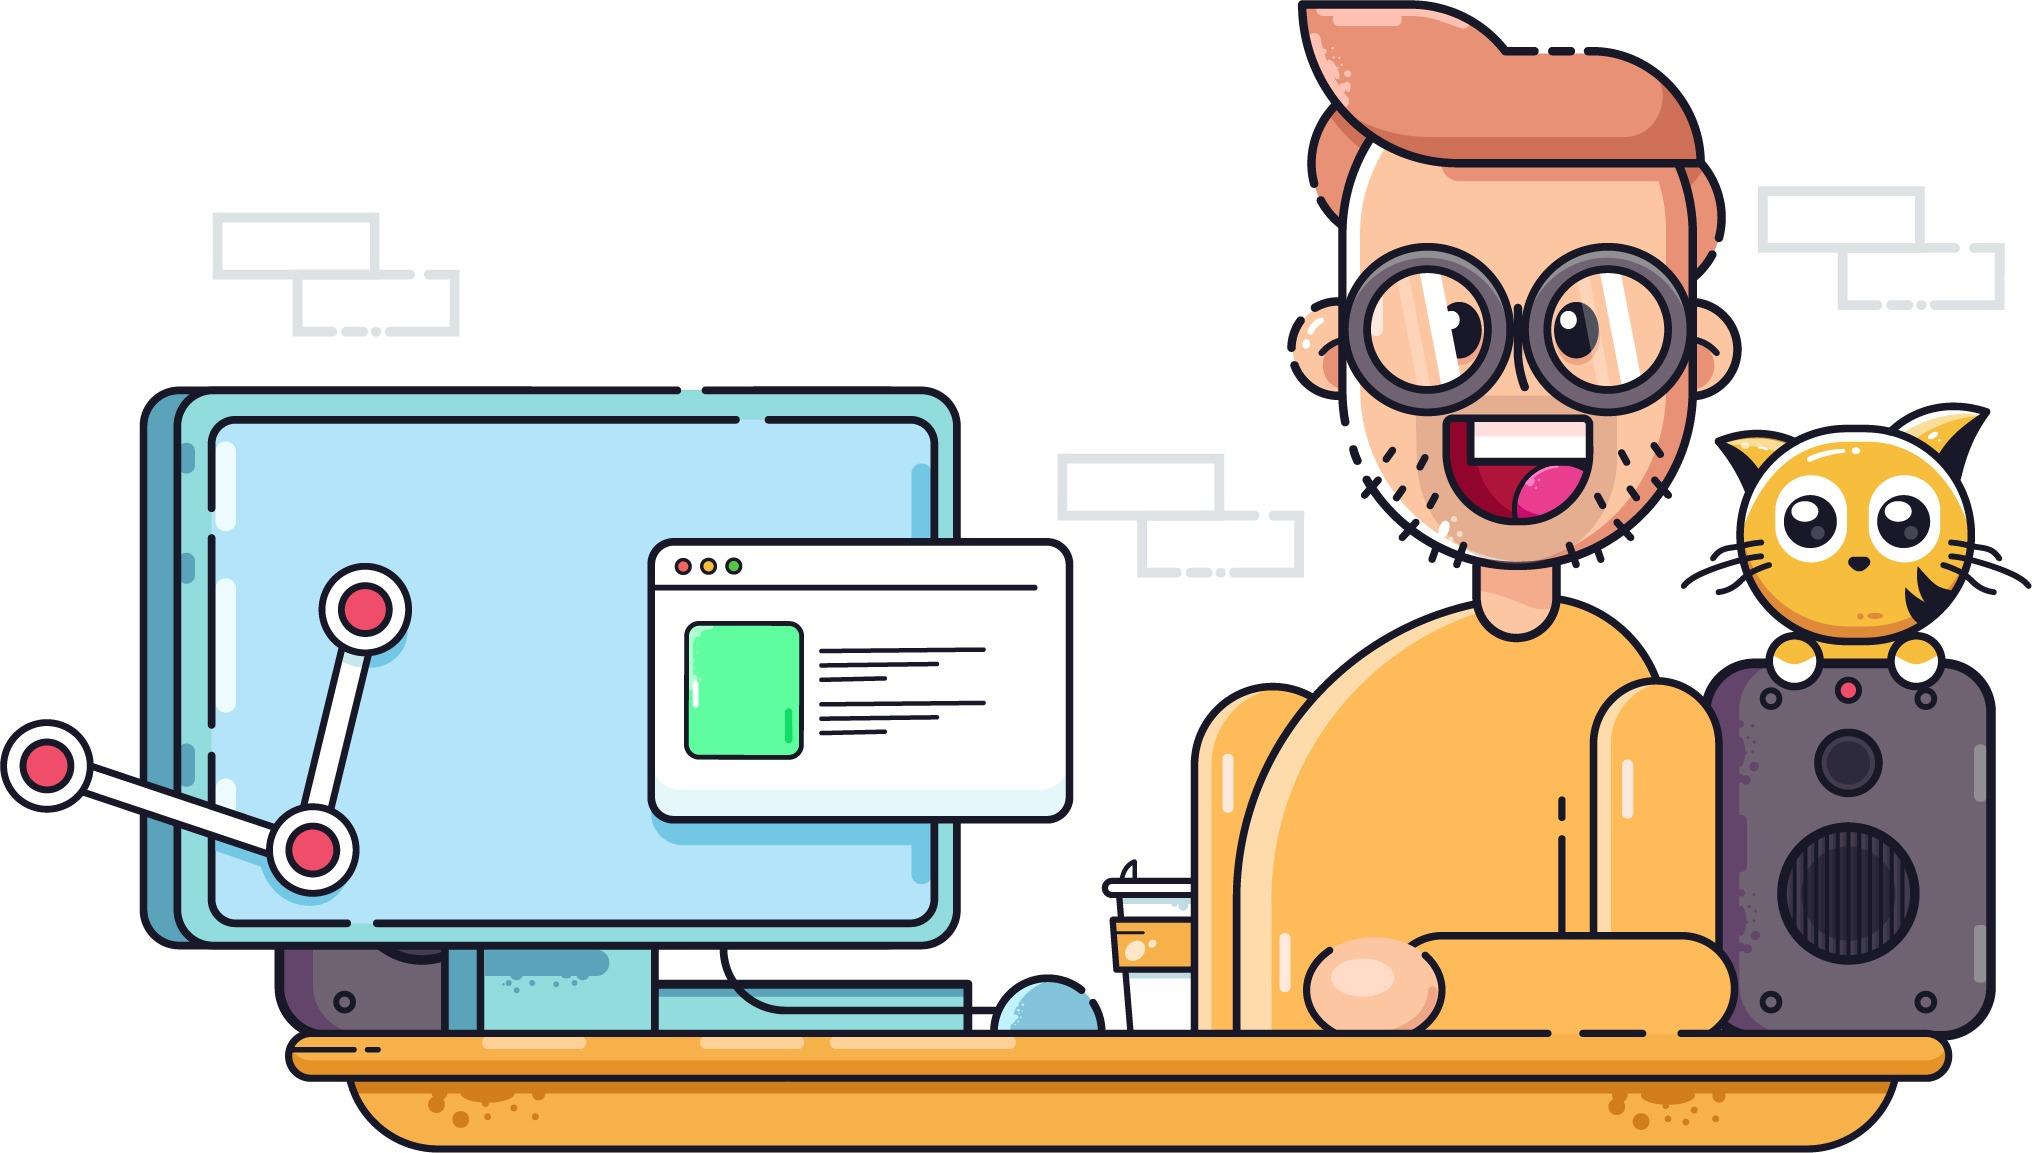 Un homme à lunettes à côté d'un écran d'ordinateur et d'un chat